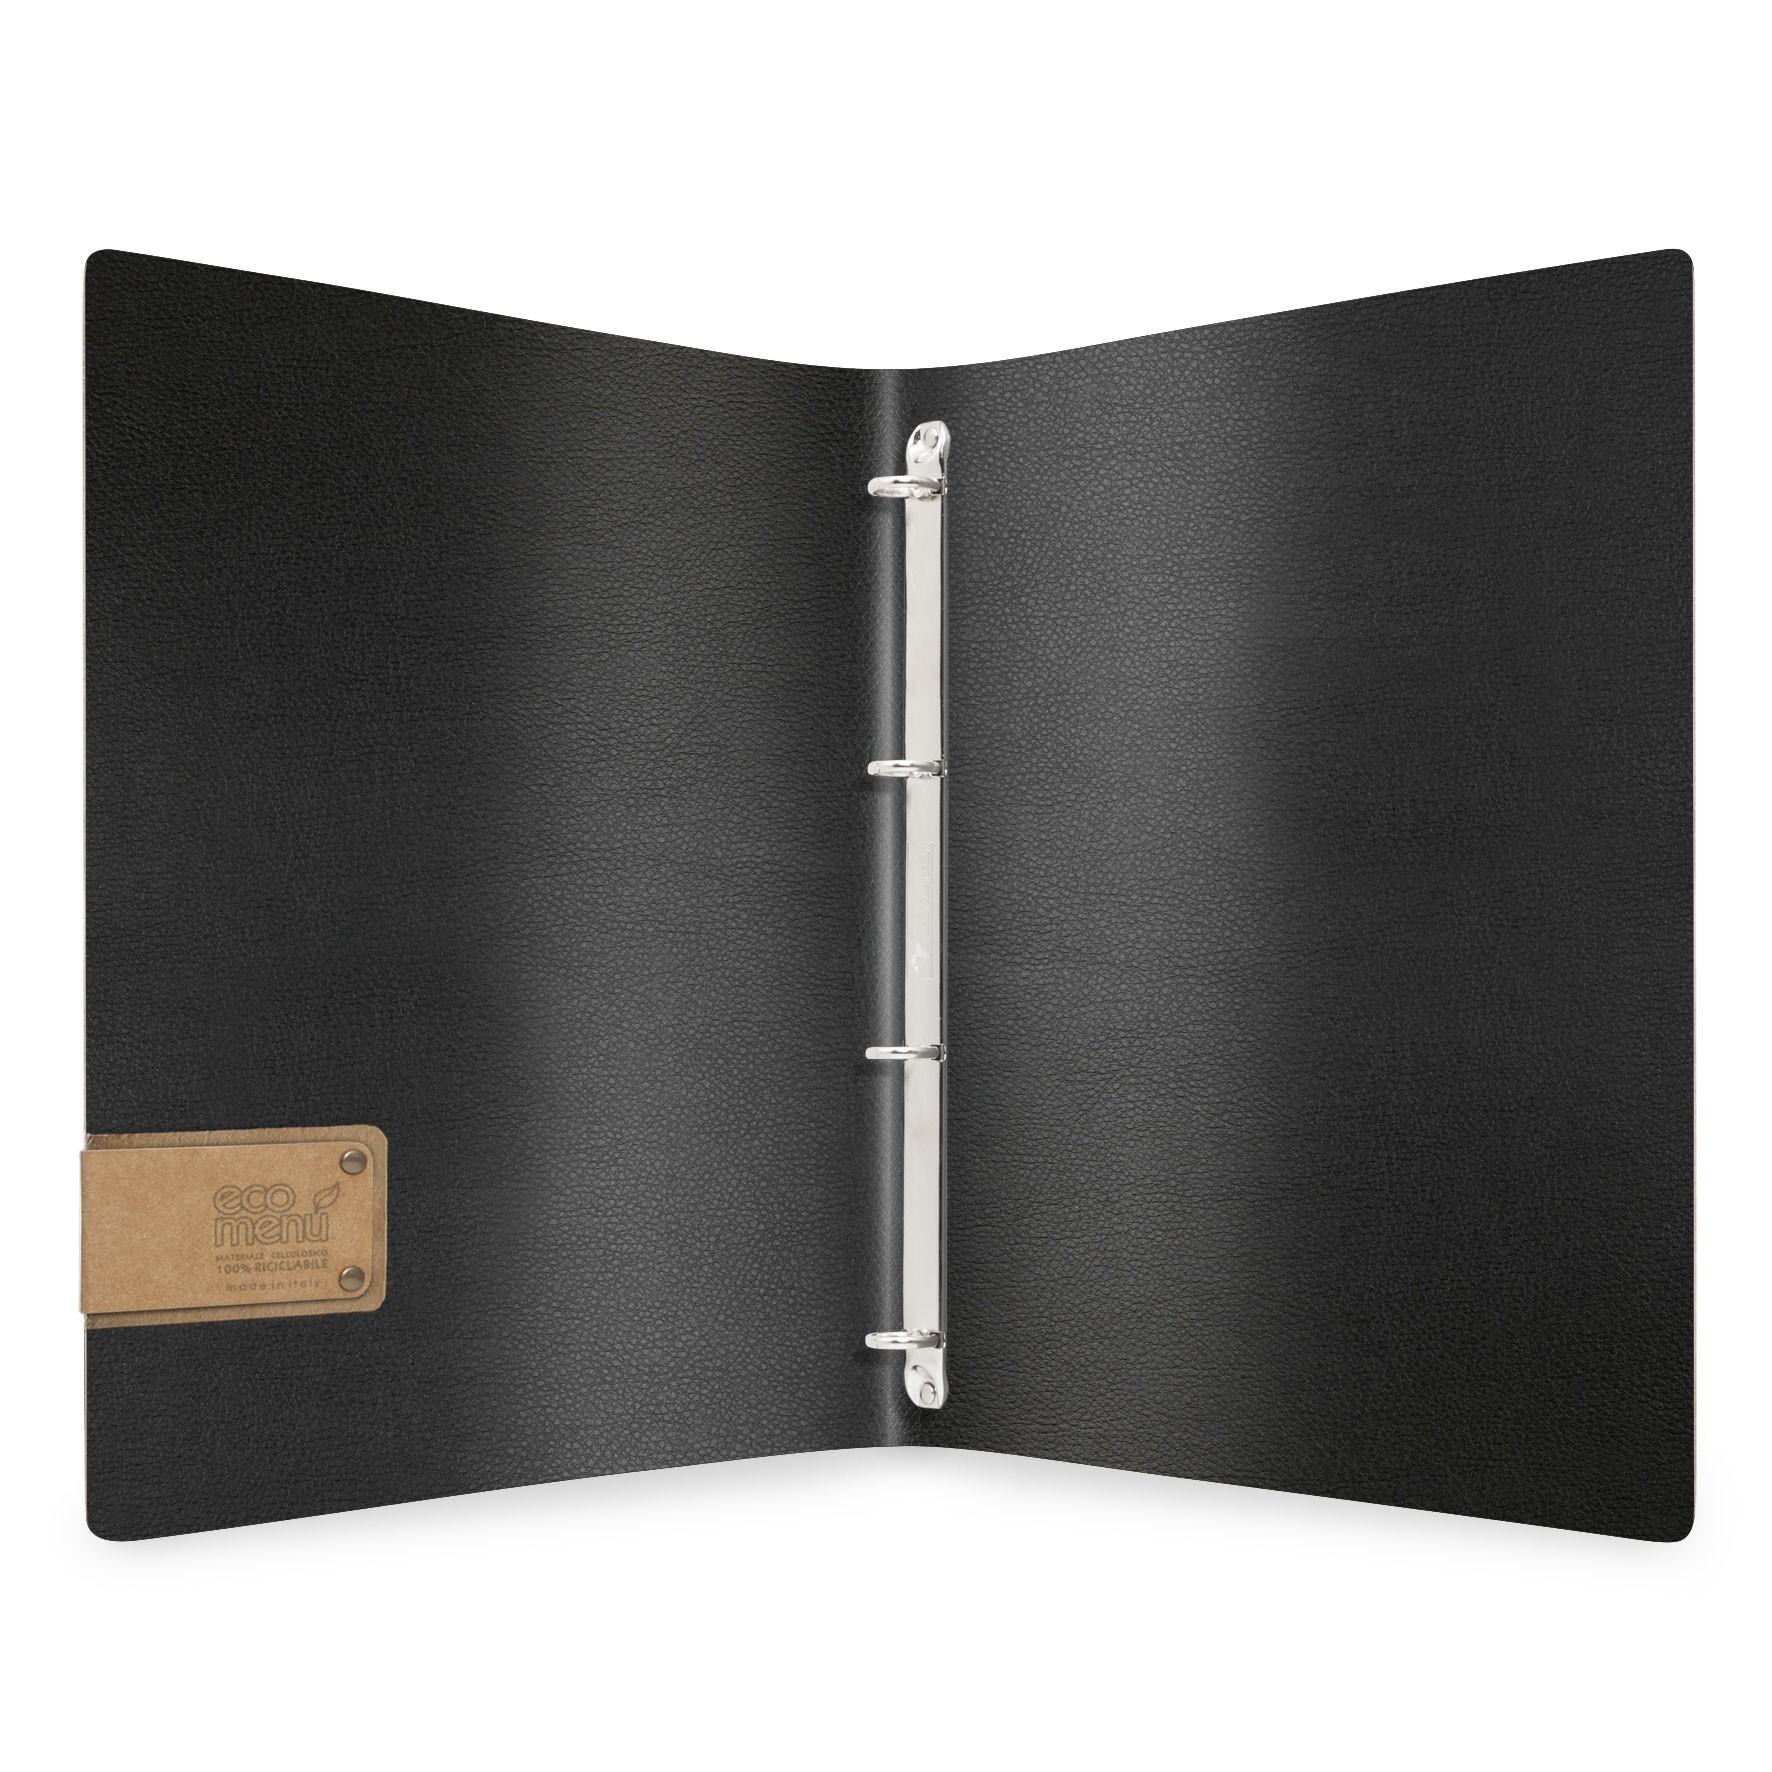 Protège menu MEC MenuMenu noir aspect lisse